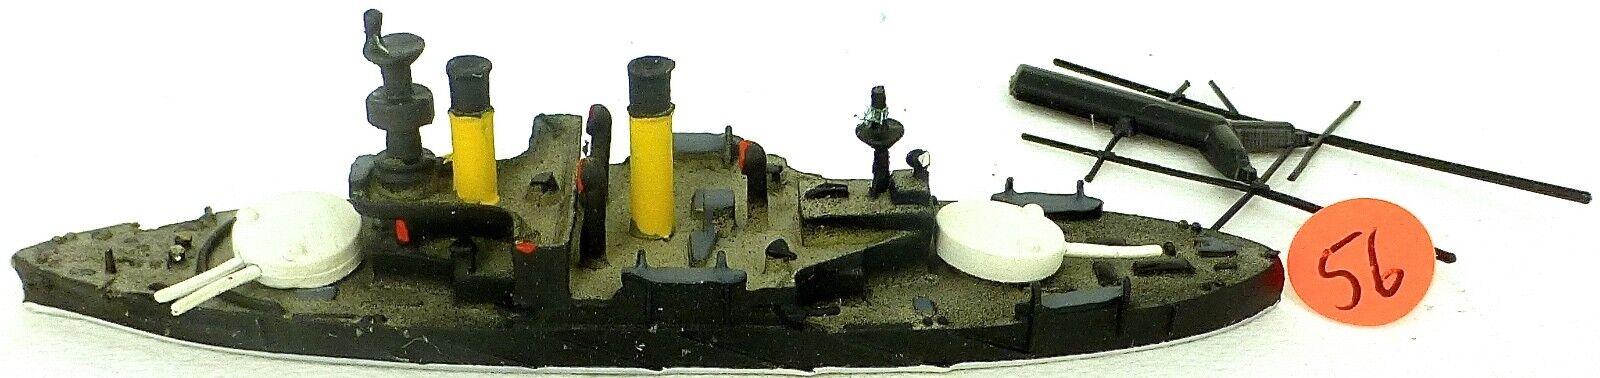 Aplaxin m310a modello barca 1 1250   56 å